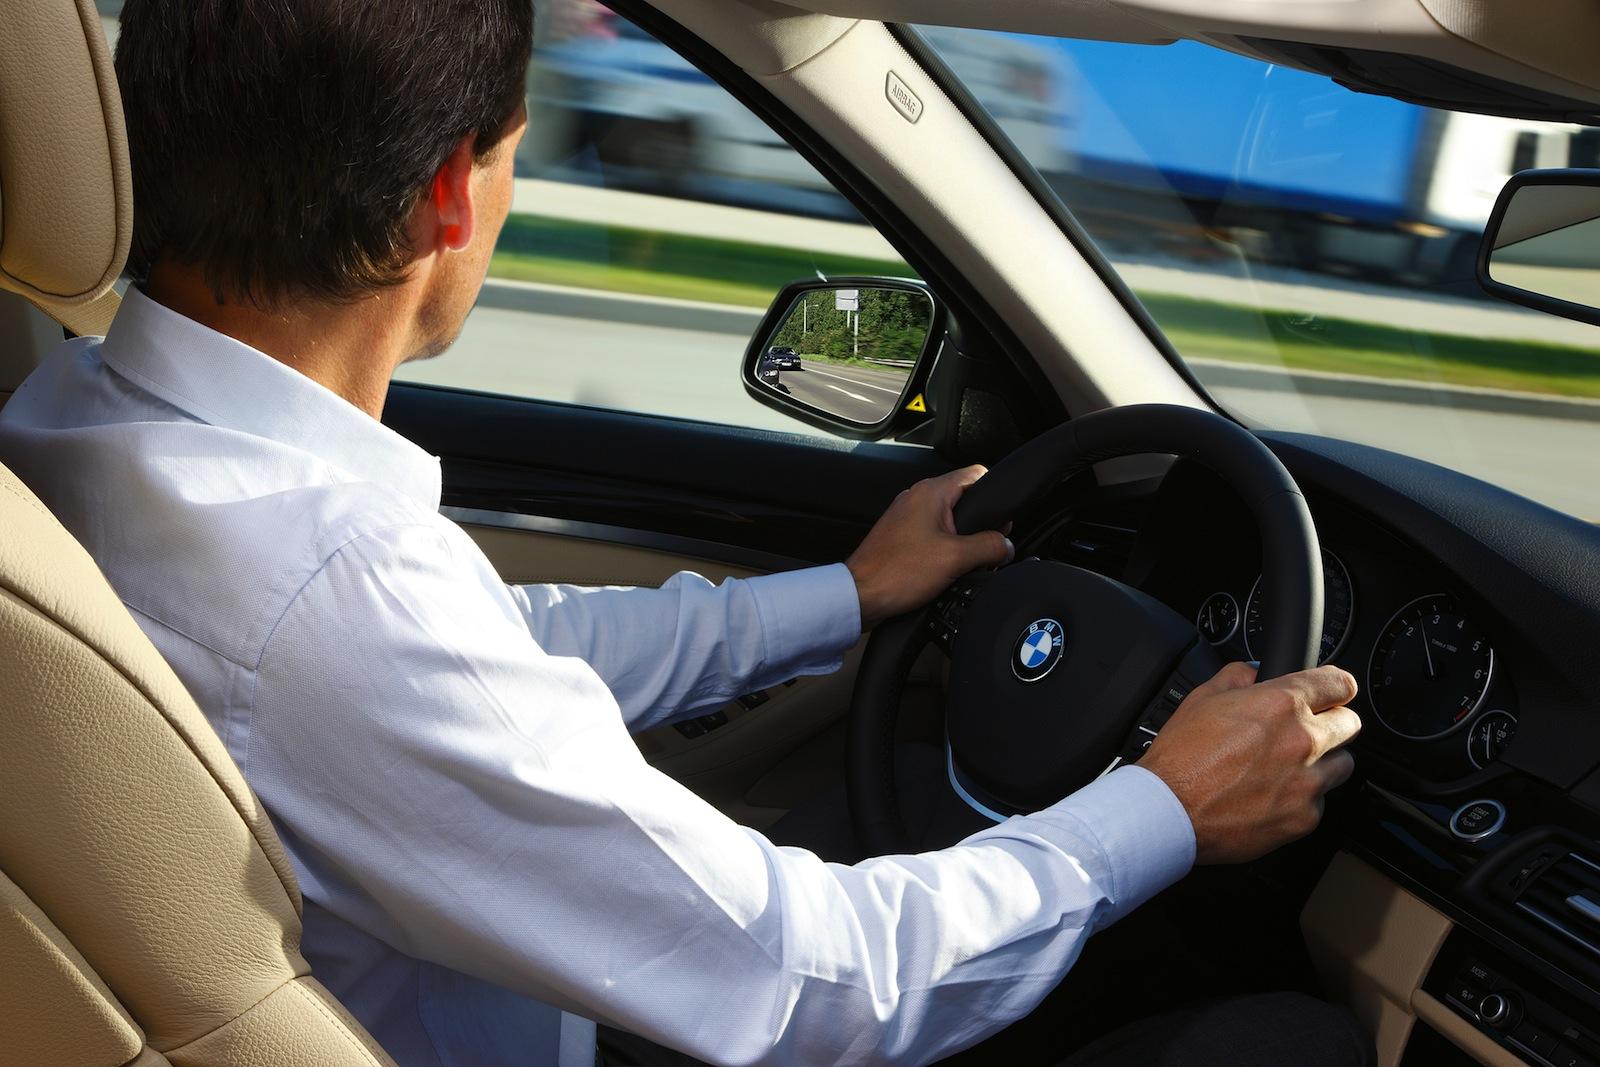 pozycja kierowcy w samochodzie